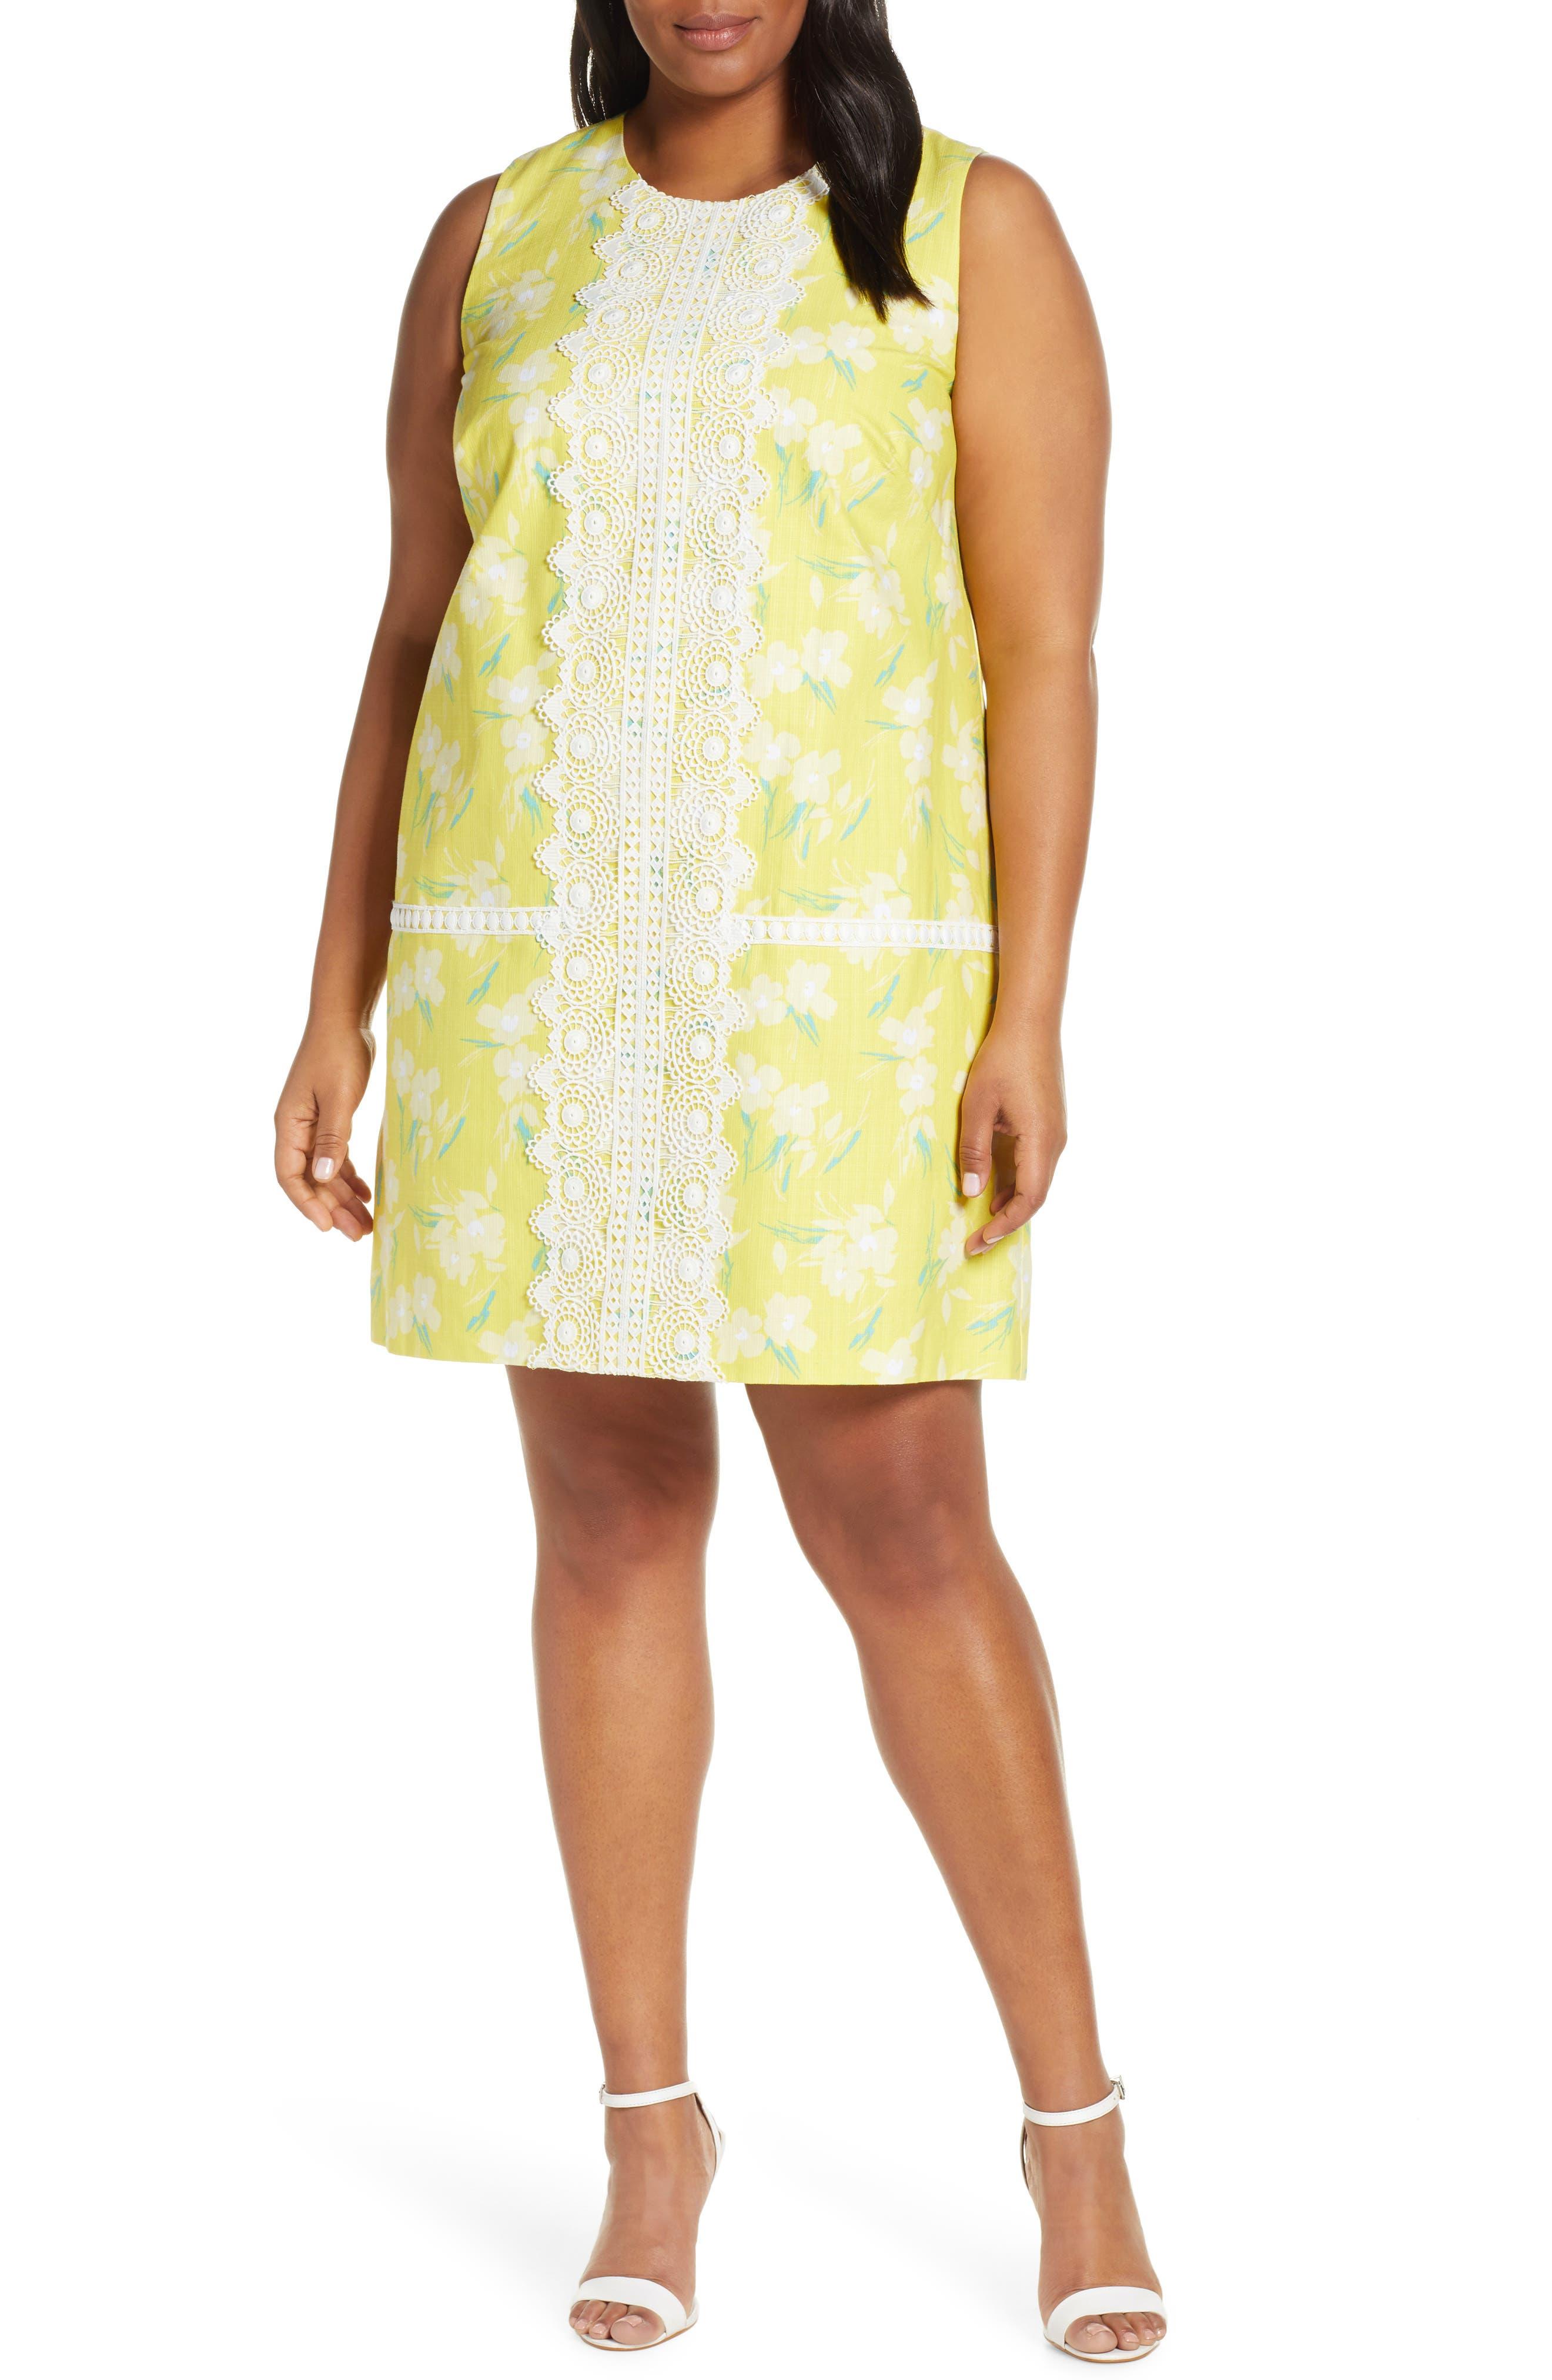 Plus Size Vintage Dresses, Plus Size Retro Dresses Plus Size Womens Eliza J Sleeveless Lace Trim Floral Shift Dress Size 14W - Yellow $88.80 AT vintagedancer.com